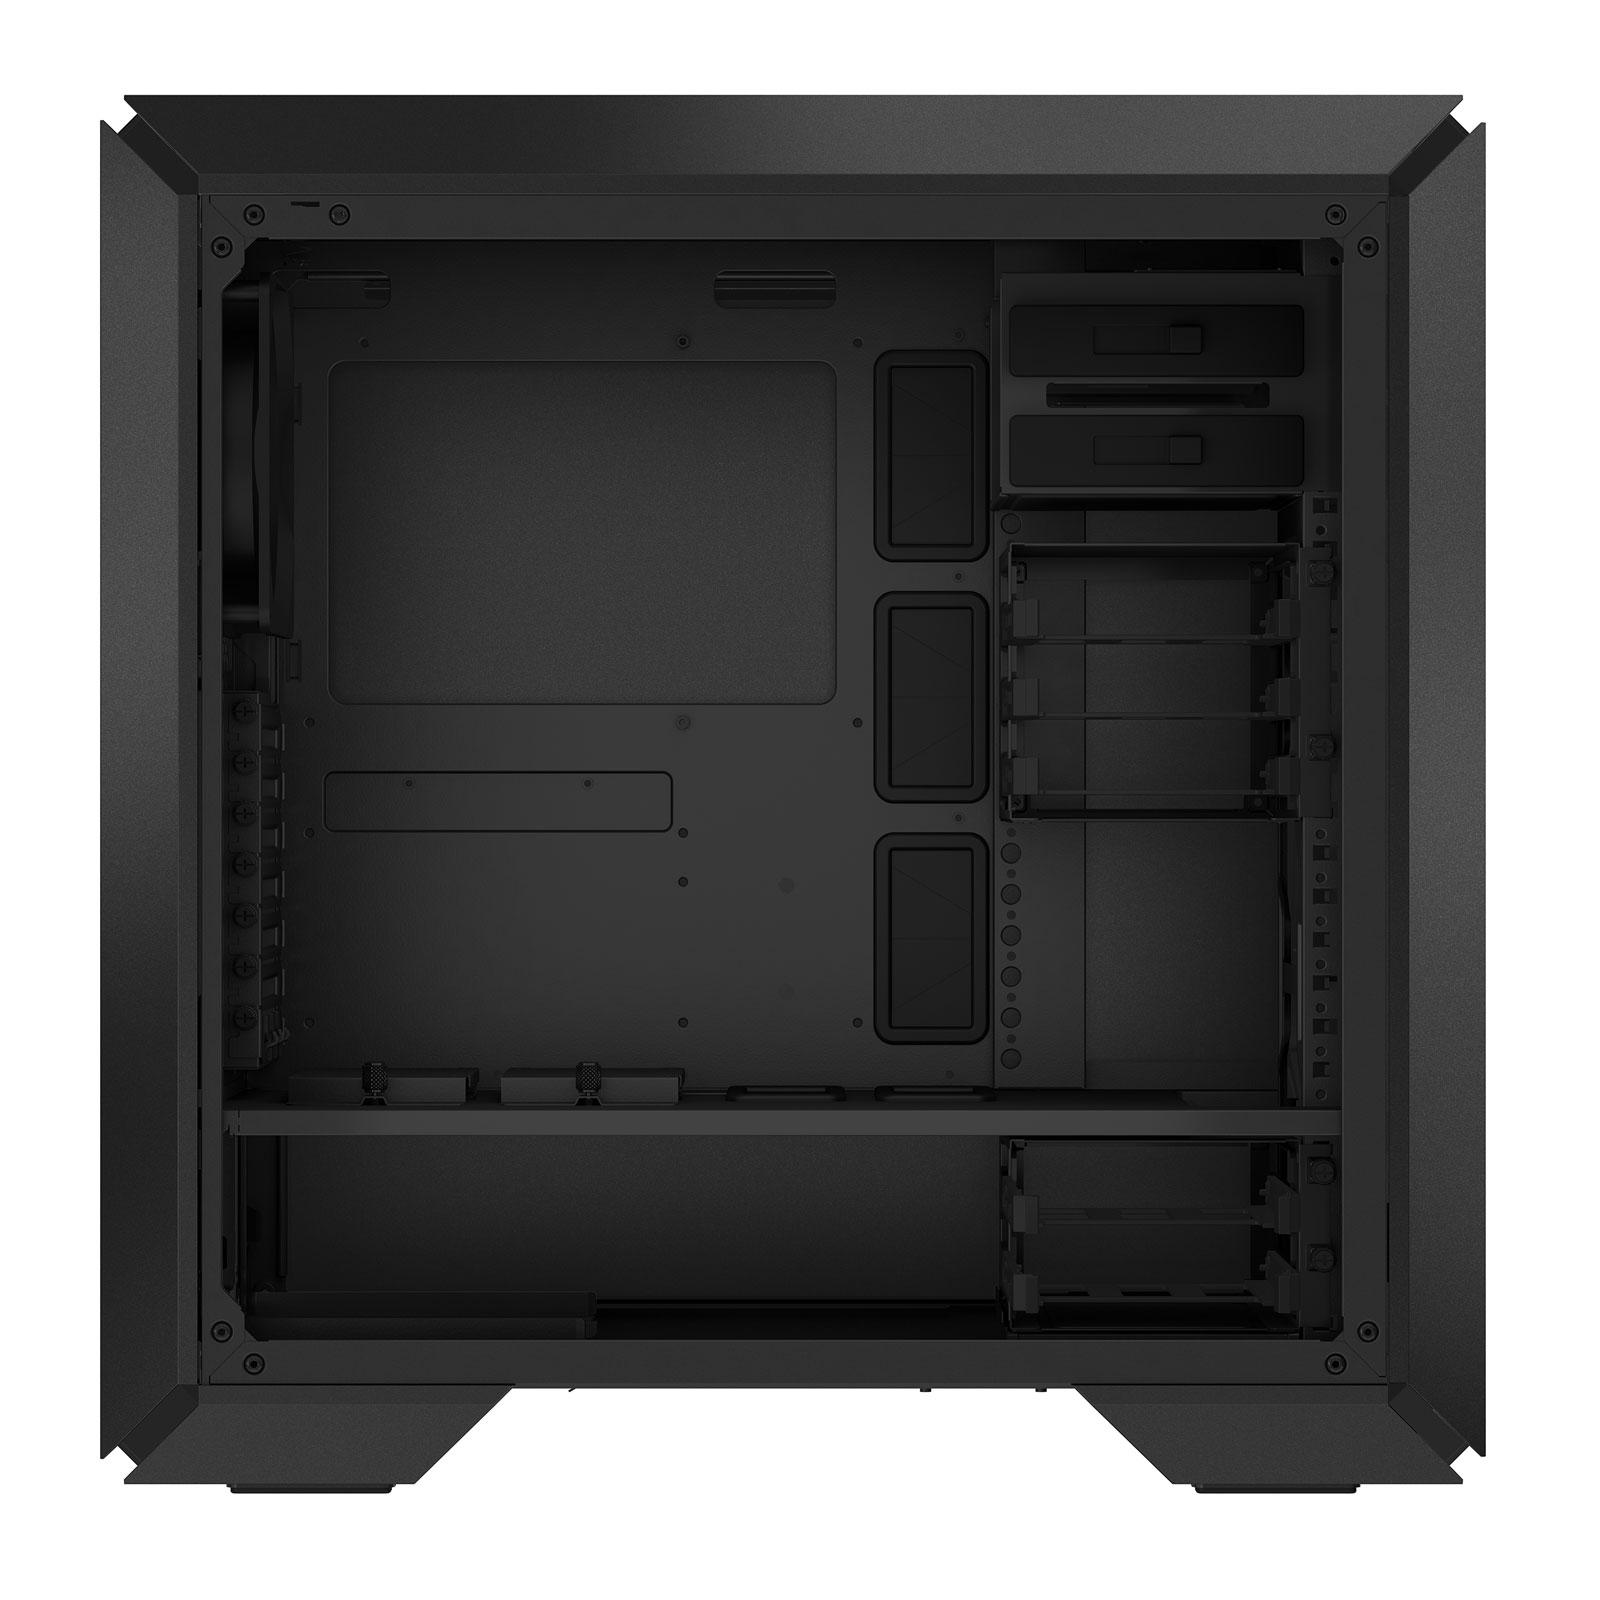 Cooler Master MasterCase Pro 6 Blue MCY-C6P2-KW5N Noir - Boîtier PC - 1